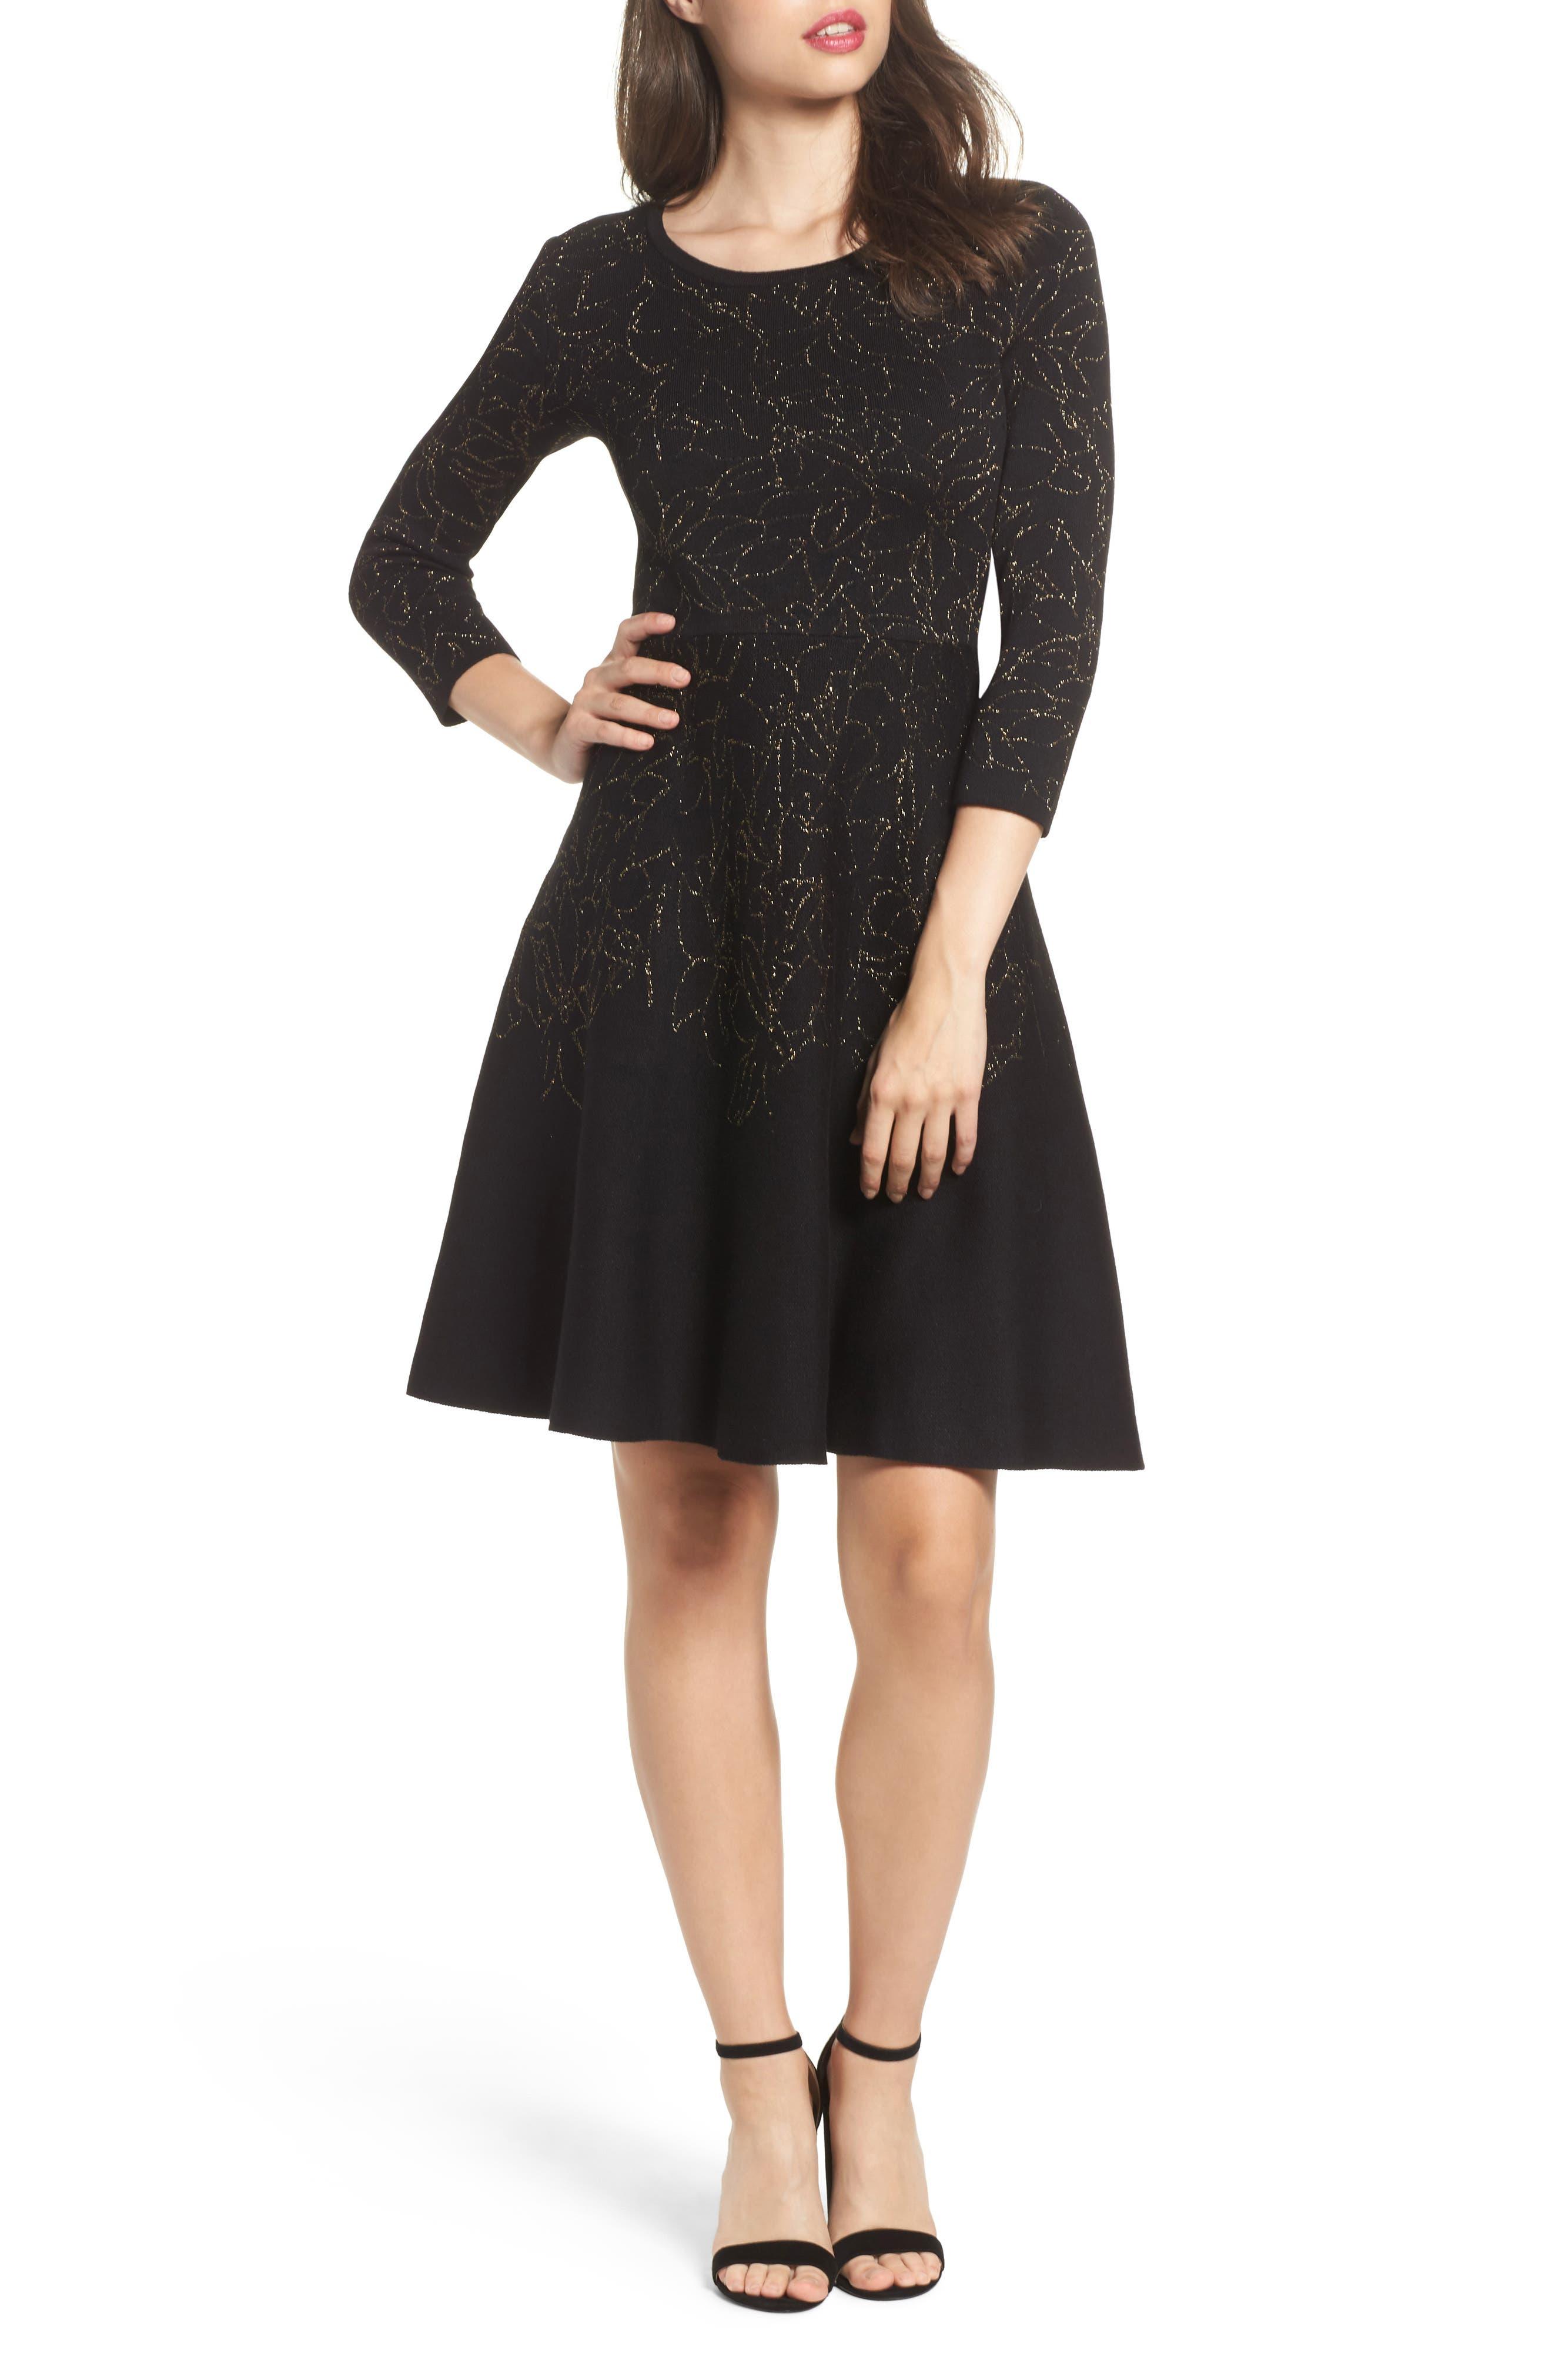 Taylor Dresses Metallic Knit Fit & Flare Dress